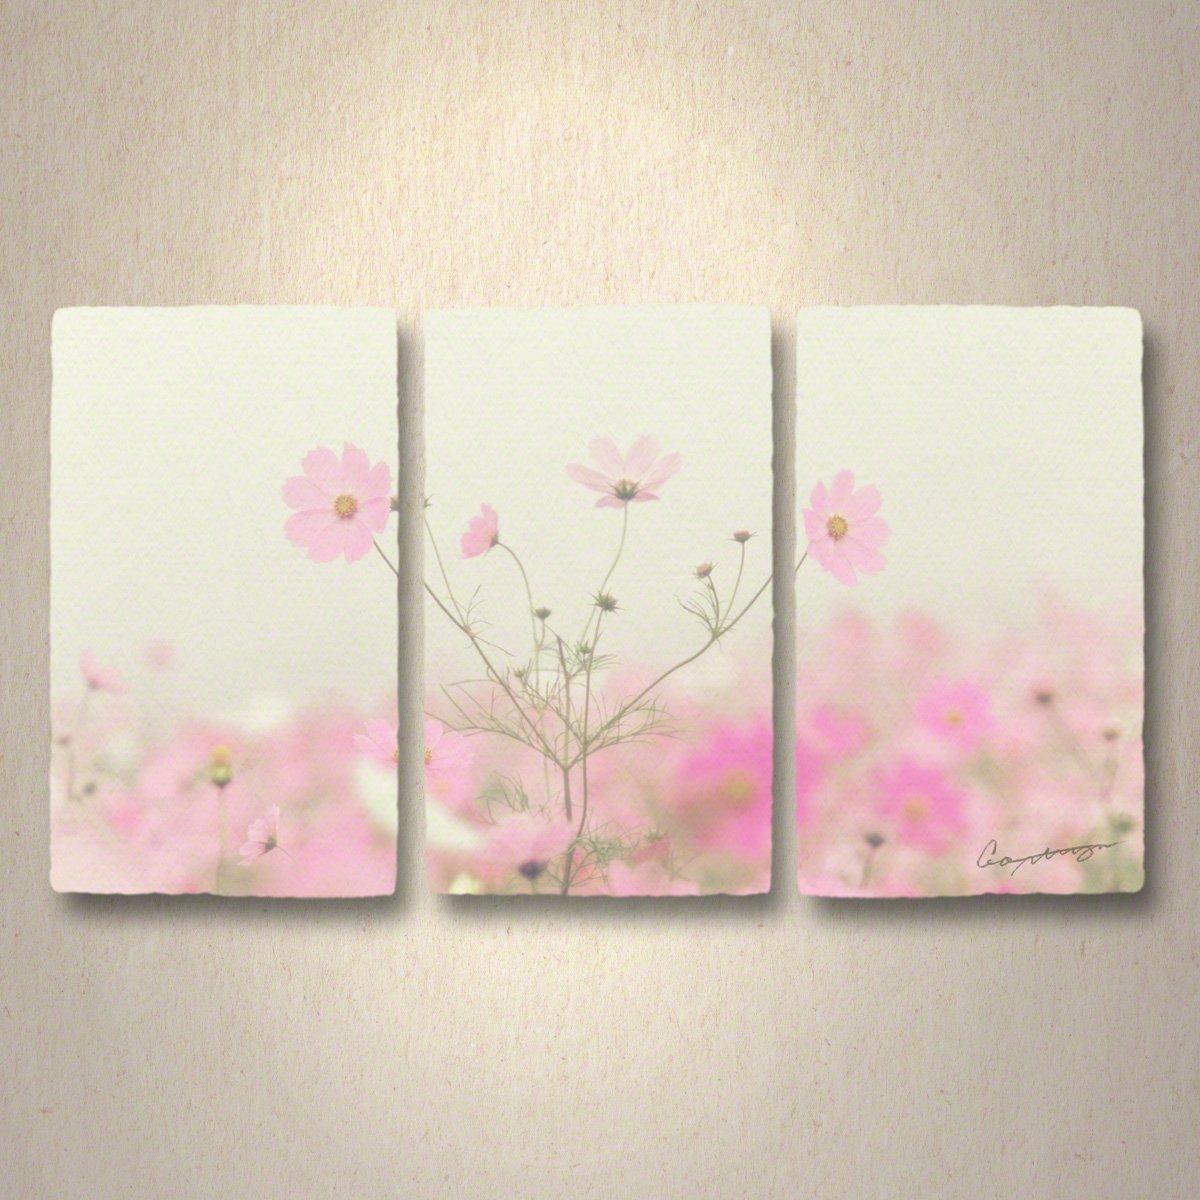 和紙 アートパネル 3枚 続き 「霧空のピンクのコスモス」 (64x36cm) 花 絵 絵画 壁掛け 壁飾り インテリア アート B076L9RFZP 32.アートパネル3枚続き(長辺64cm) 24800円|霧空のピンクのコスモス 霧空のピンクのコスモス 32.アートパネル3枚続き(長辺64cm) 24800円